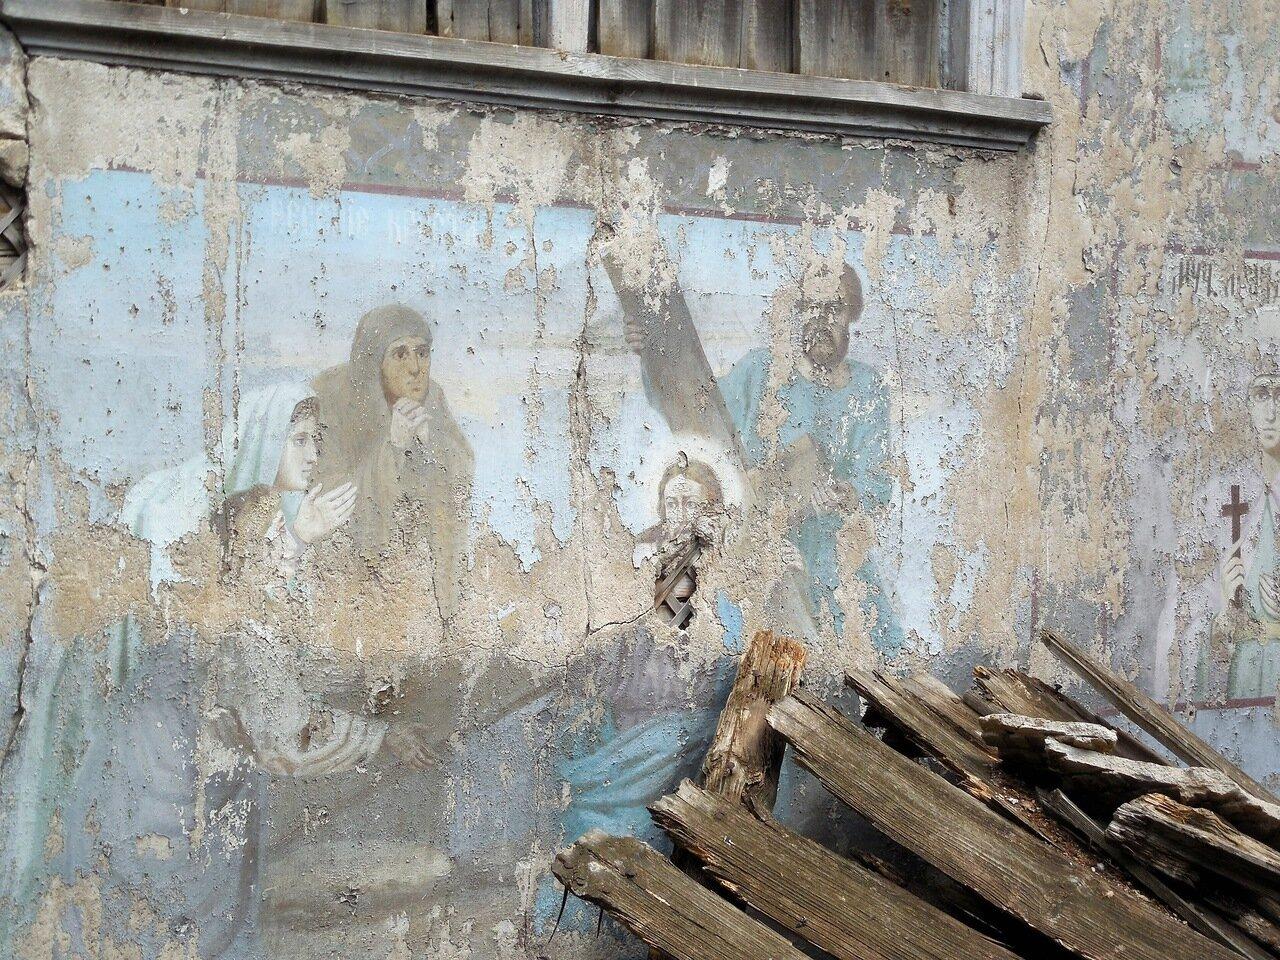 Частично сохранившаяся настенная роспись